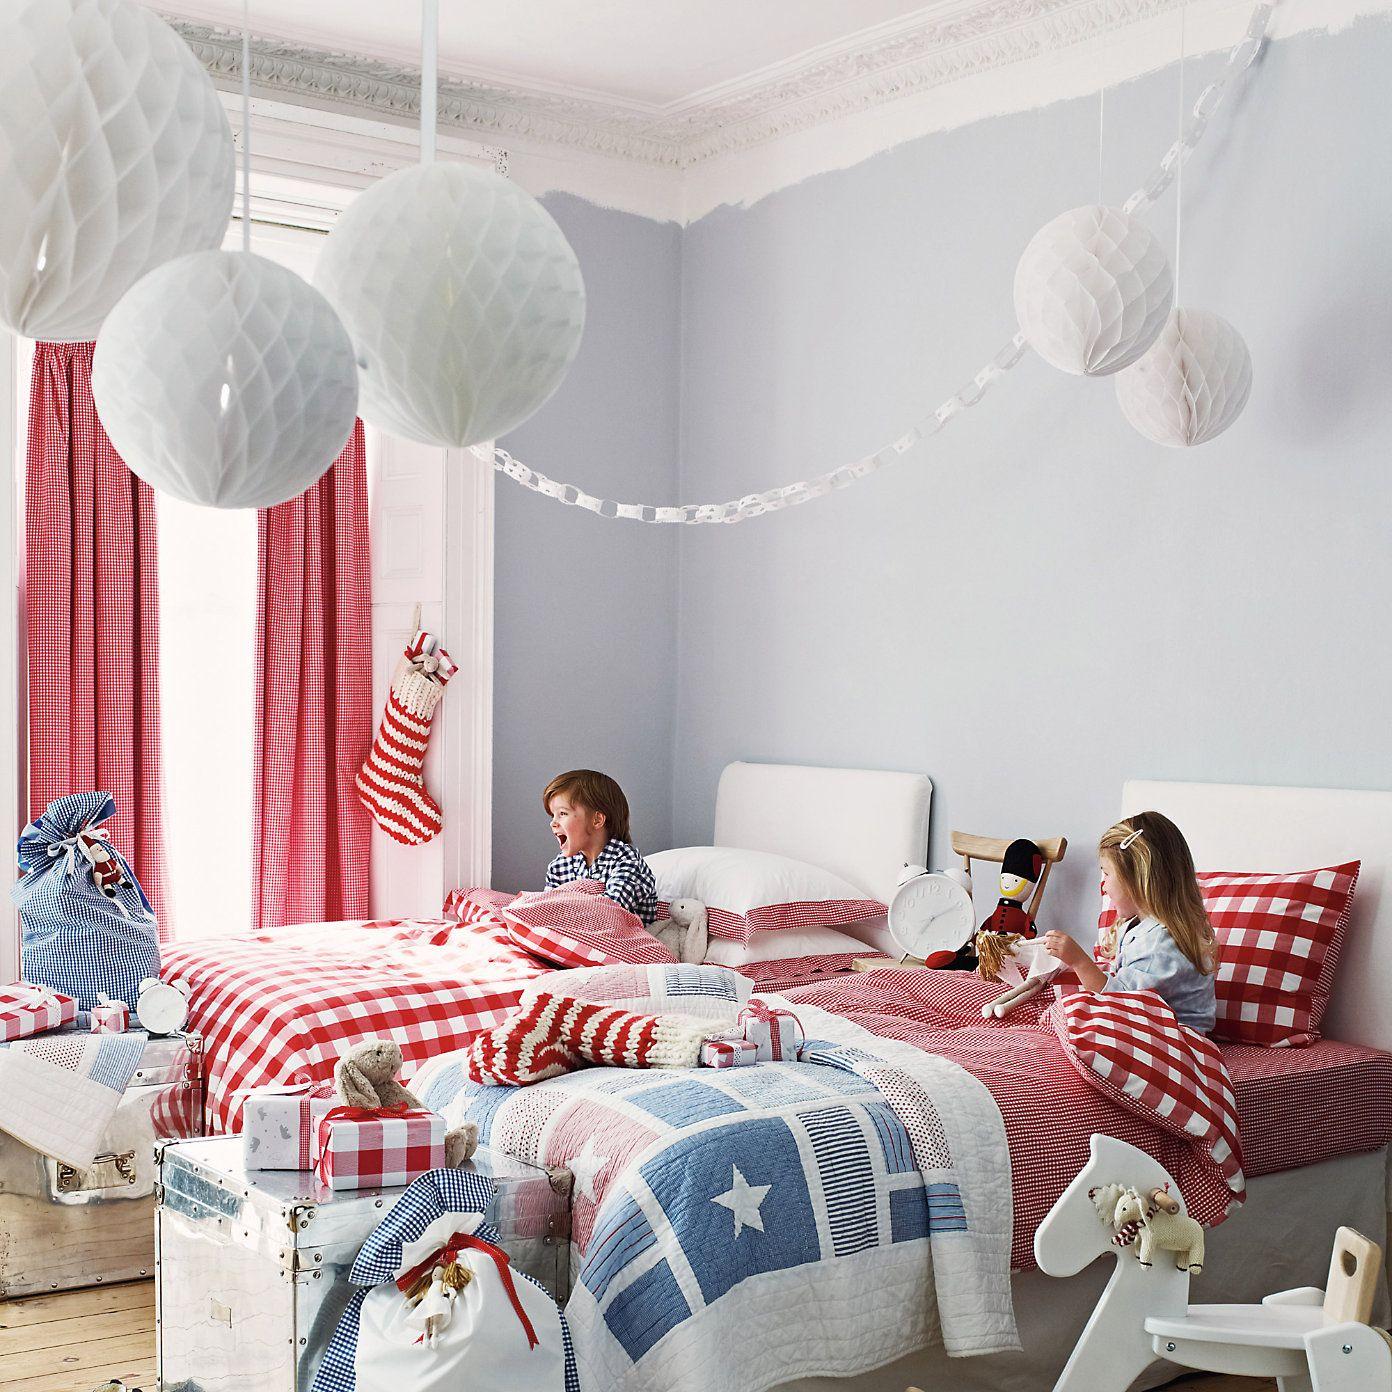 Buy childrens bedroom ue childrens bedroom accessories ue heart paper